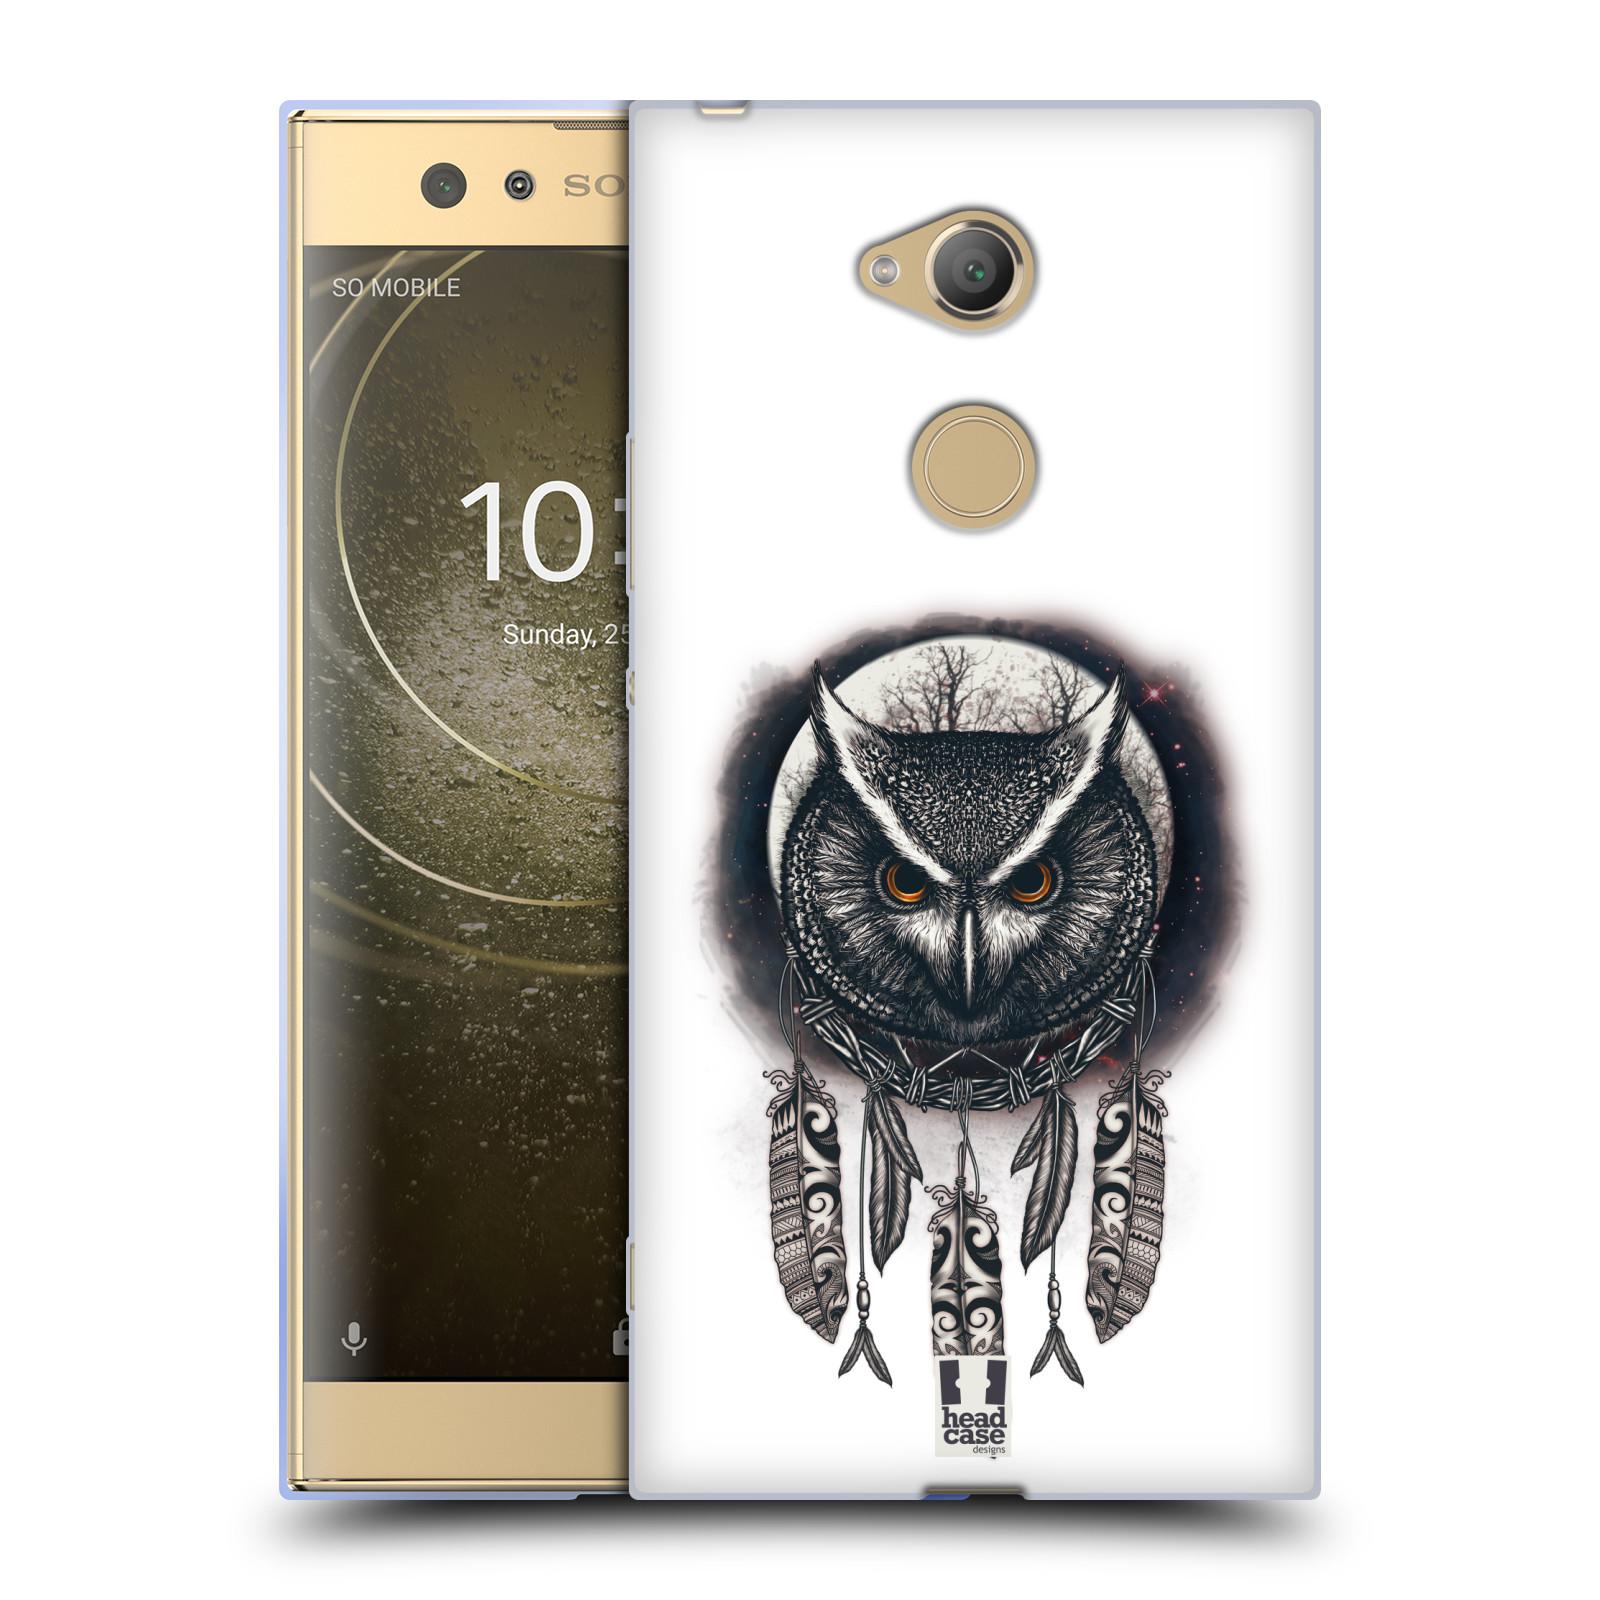 Silikonové pouzdro na mobil Sony Xperia XA2 Ultra - Head Case - Soví lapač